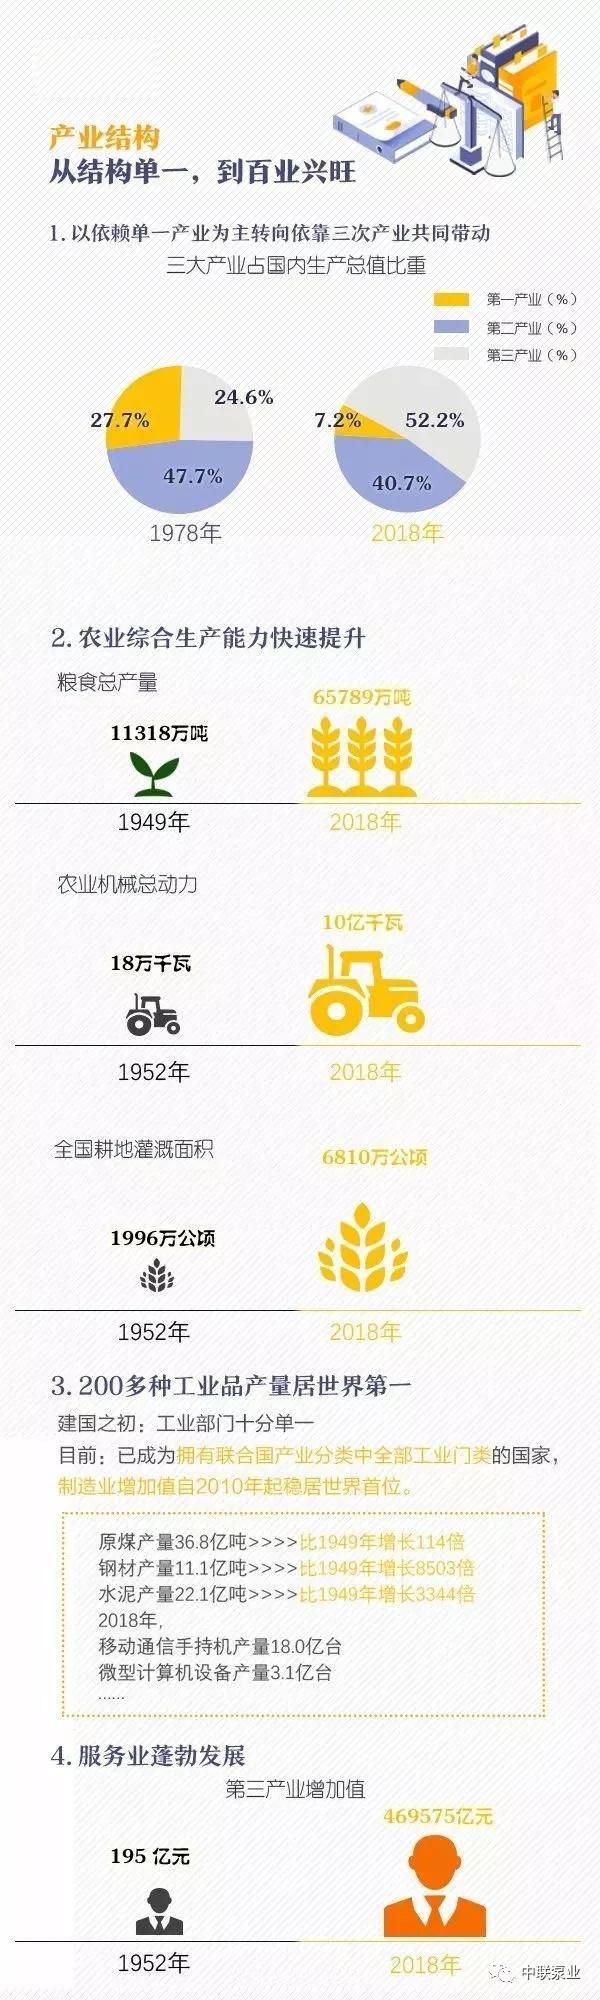 新中国建国70年变迁史2